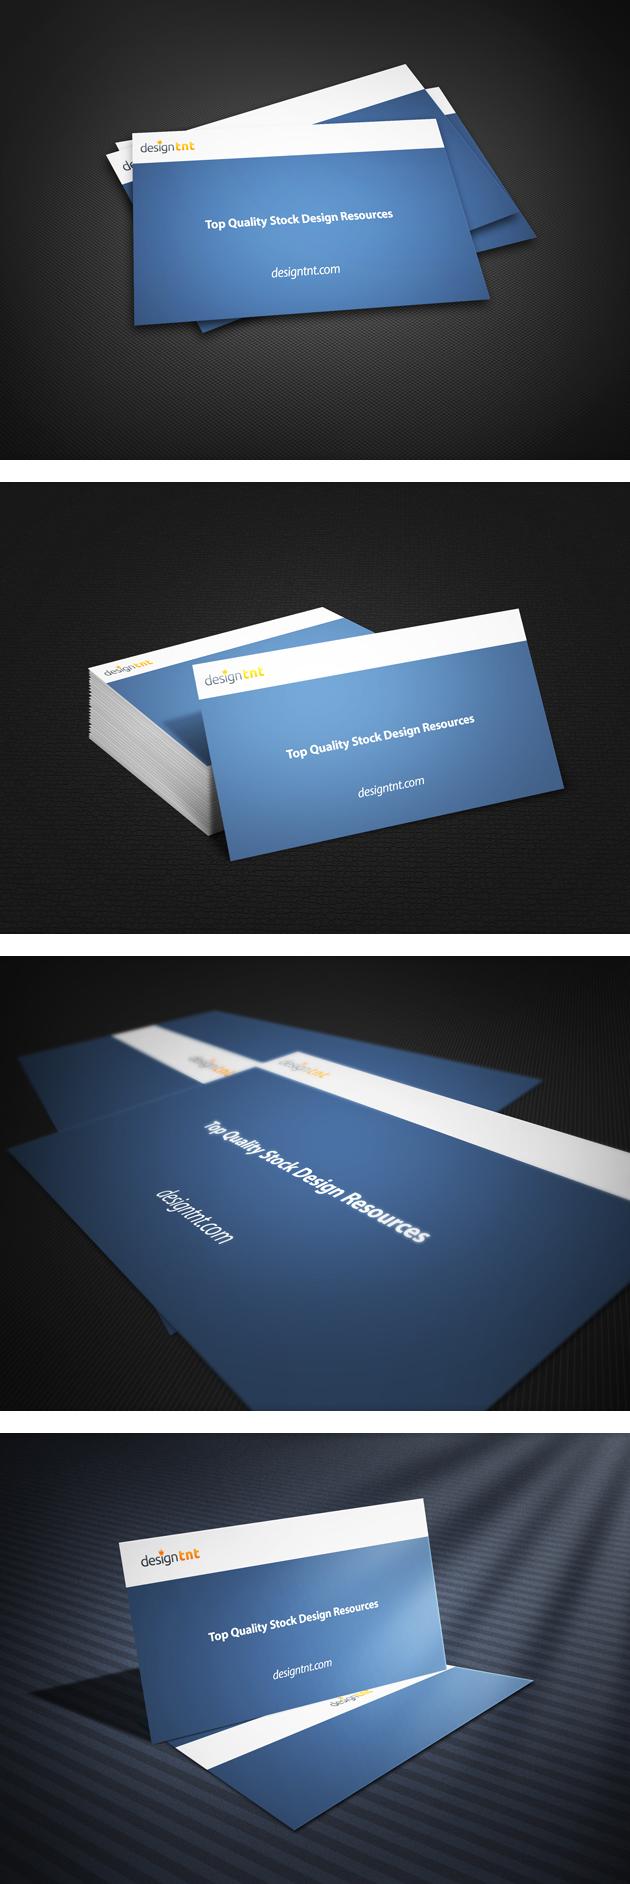 Business-Card-Mock-ups-PS-Action designtnt addons business card mockups large